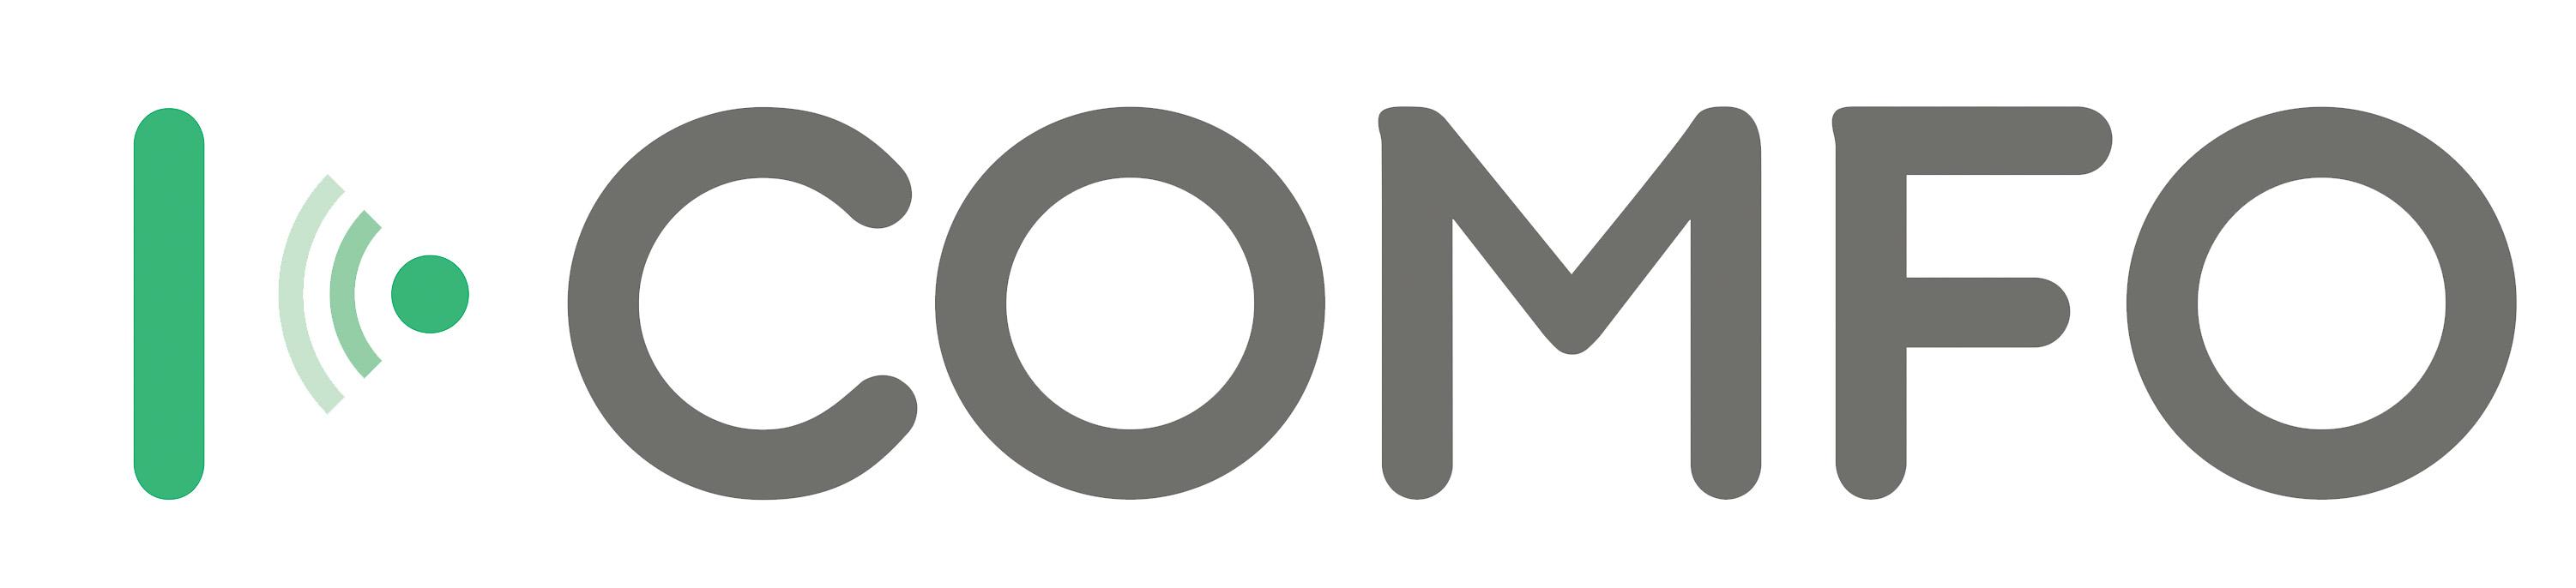 Кейс Connectivity на конференции «Интернет вещей»: инновационная IoT-платформа iComfo